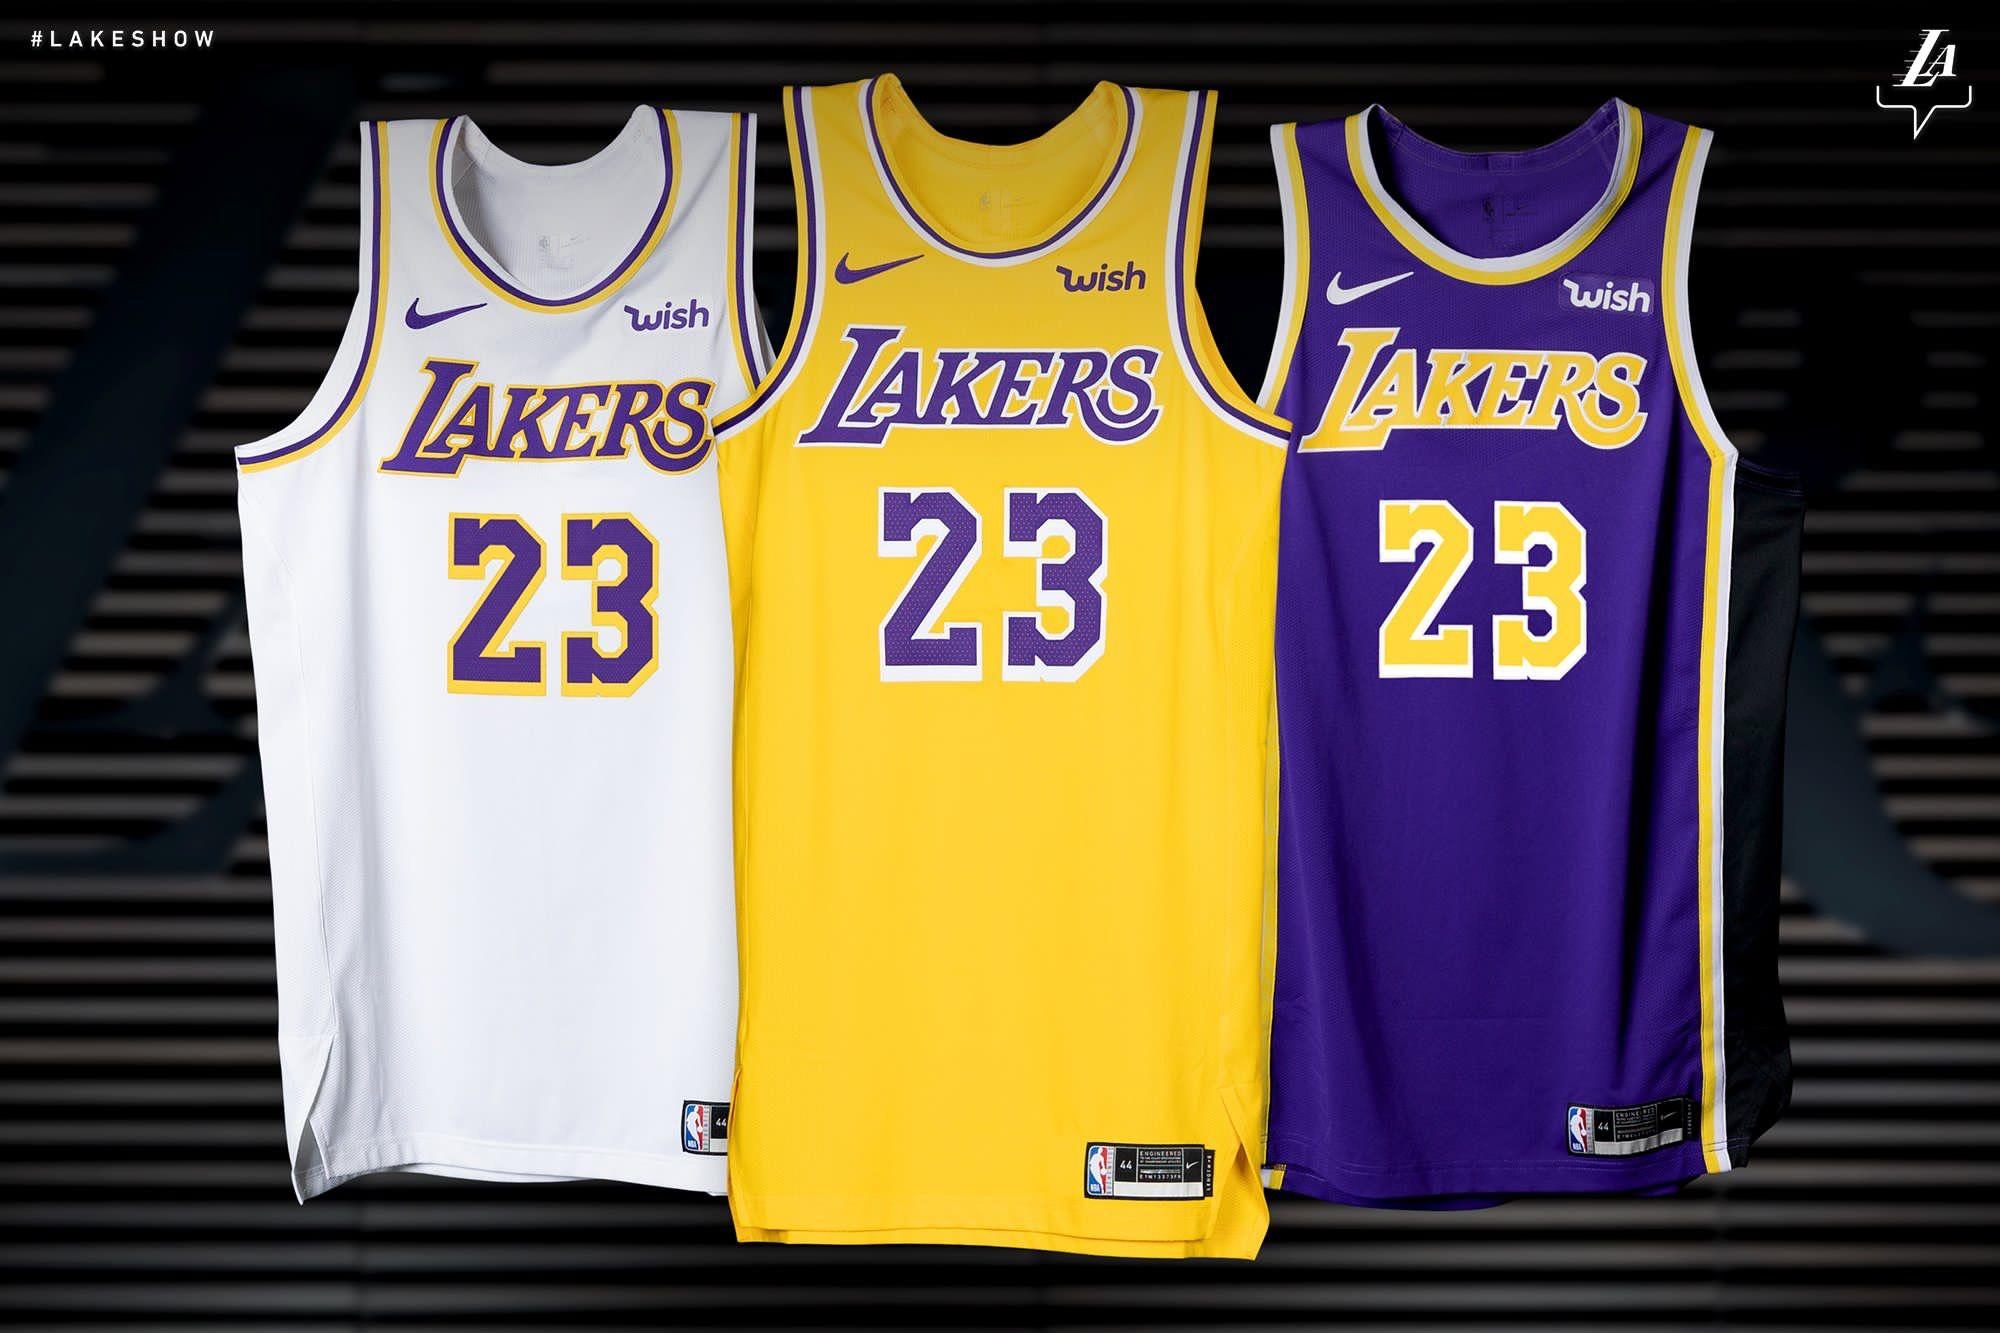 Pin By Todd Ross On S P O R T S A T H L E T I C S Nike Jersey La Lakers Jersey Basketball Jersey